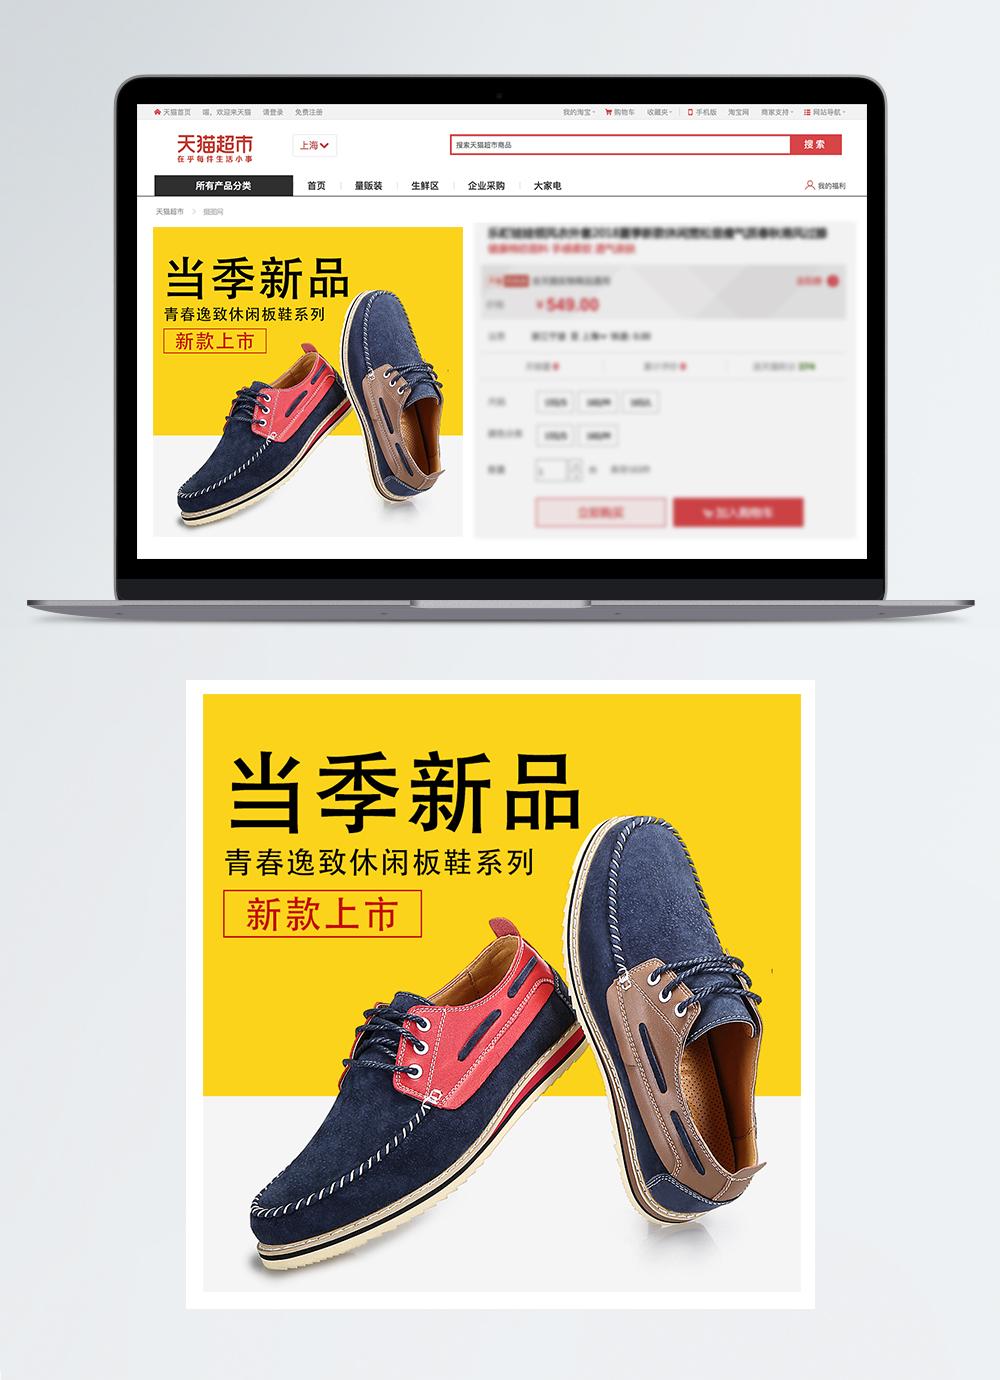 897e1ced1c kasut sukan lelaki kasual taobao utama peta gambar unduh gratis imej ...